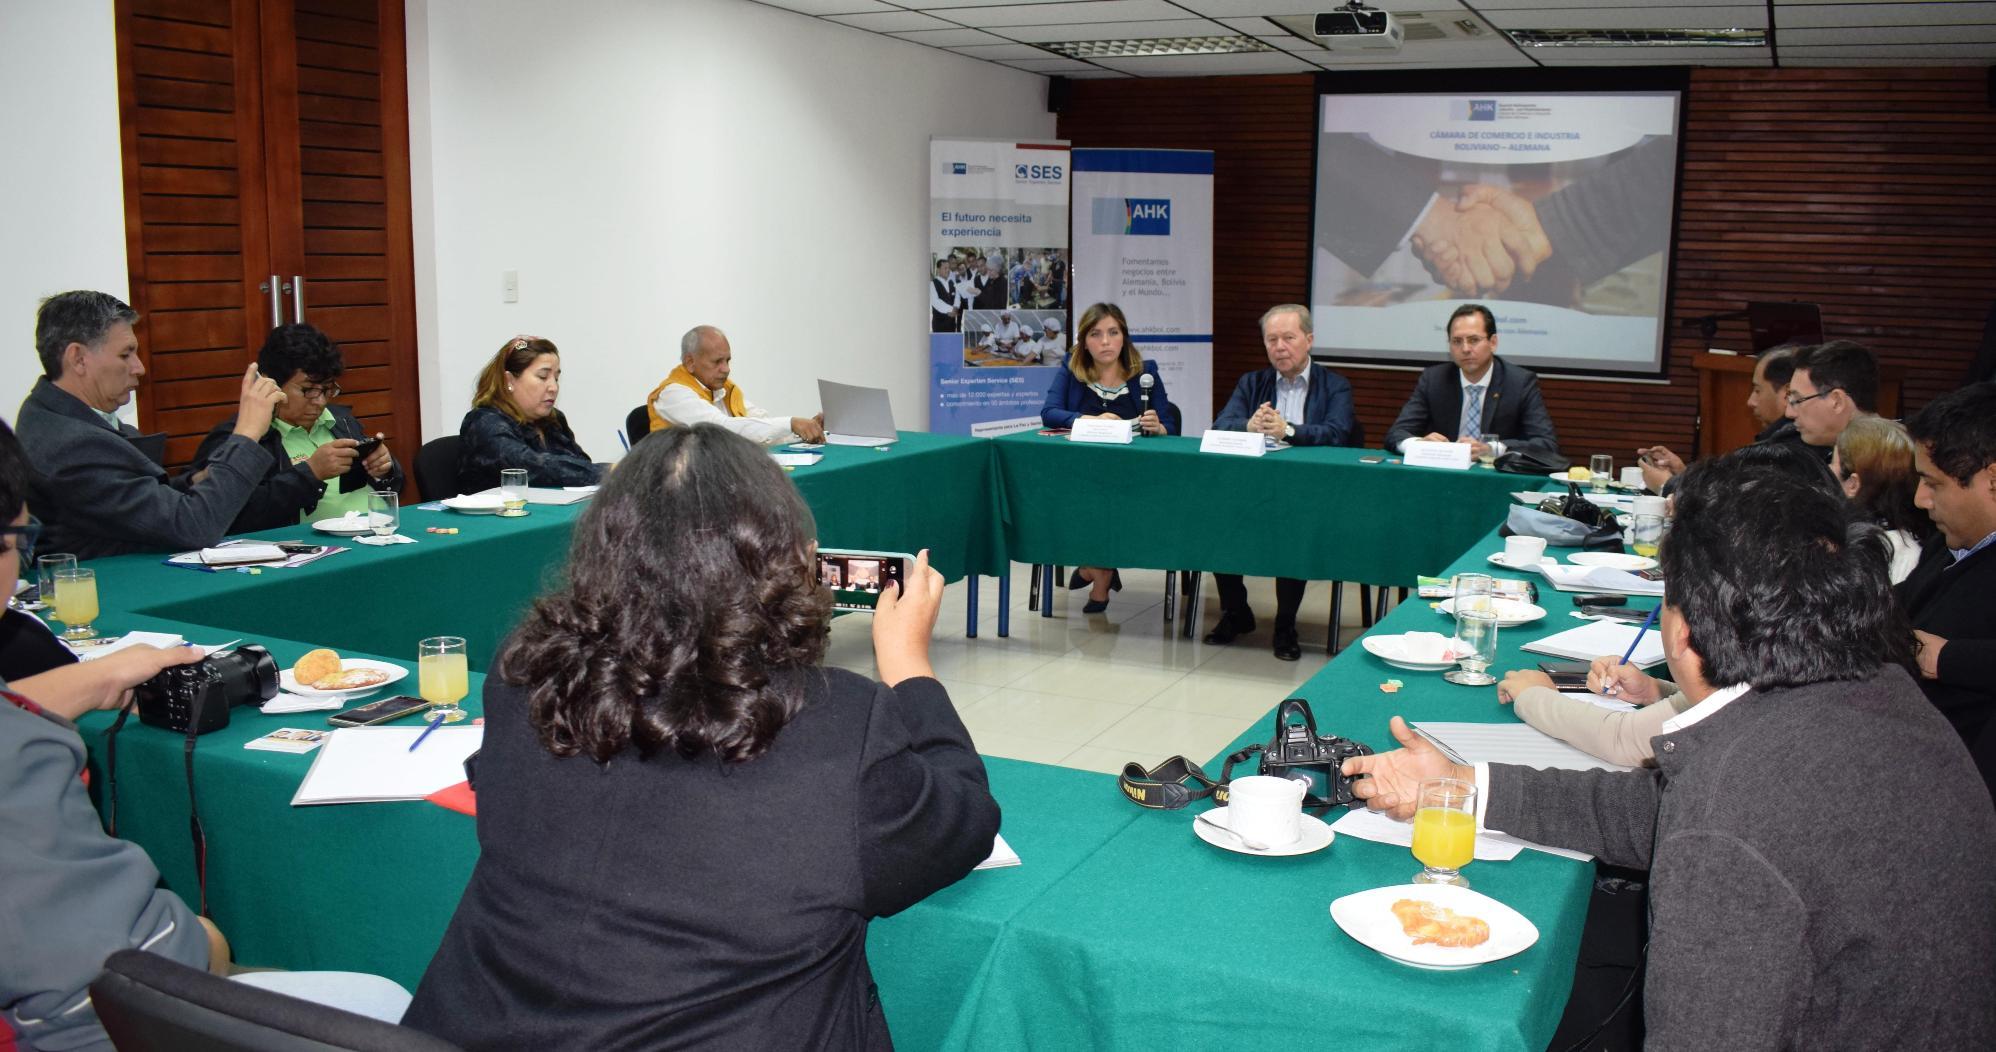 Expertos alemanes voluntarios apoyan  el desarrollo de empresas en Bolivia